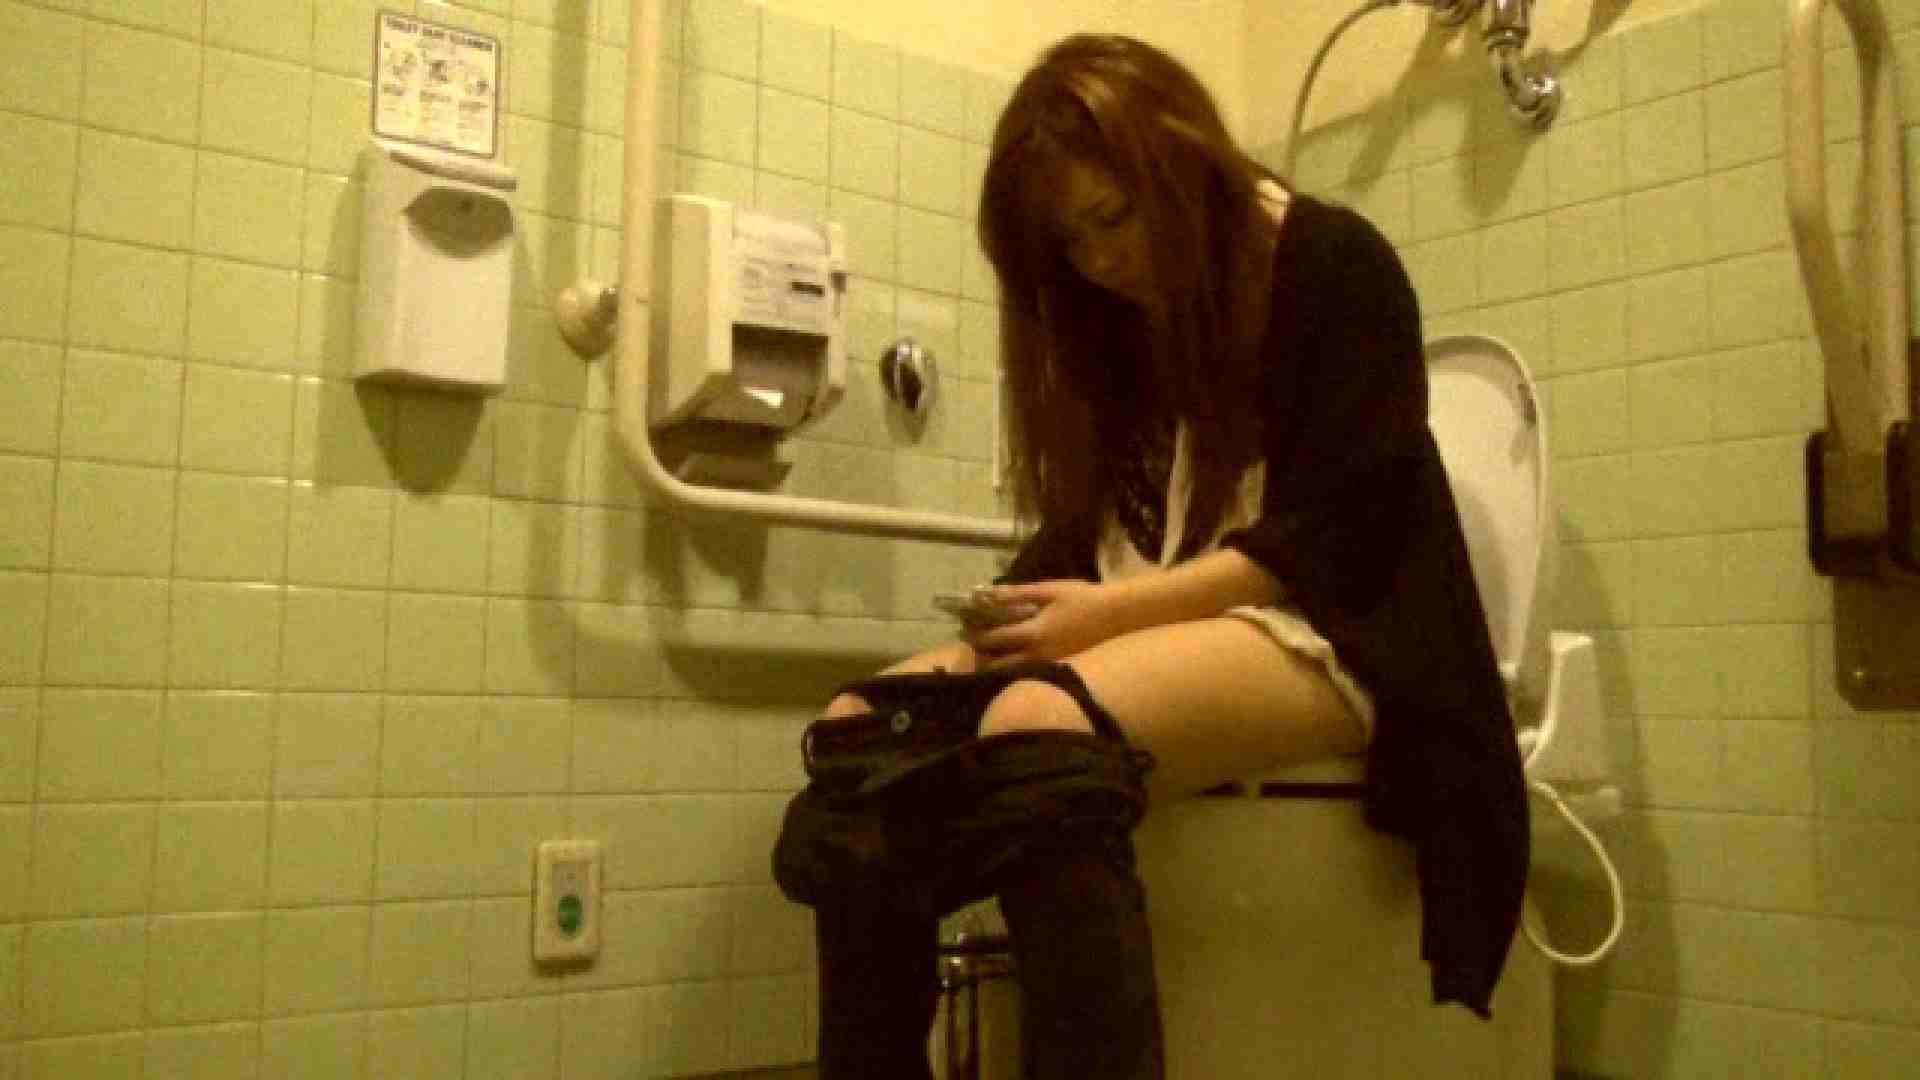 魔術師の お・も・て・な・し vol.26 19歳のバーの店員さんの洗面所をしばし… 洗面所  60枚 26